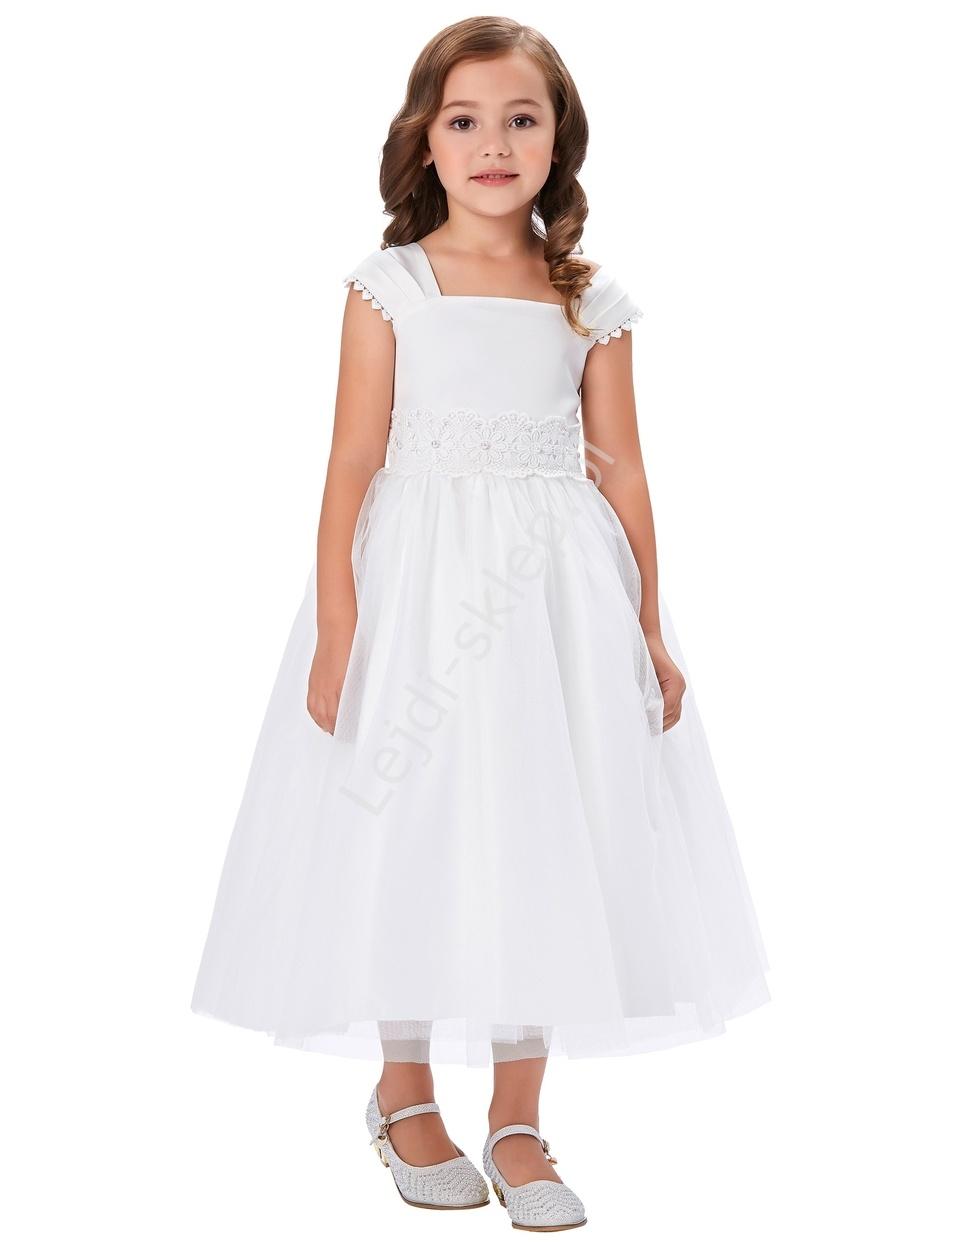 Biała sukienka z tiulu z koronka w pasie | sukienka na komunie - Lejdi